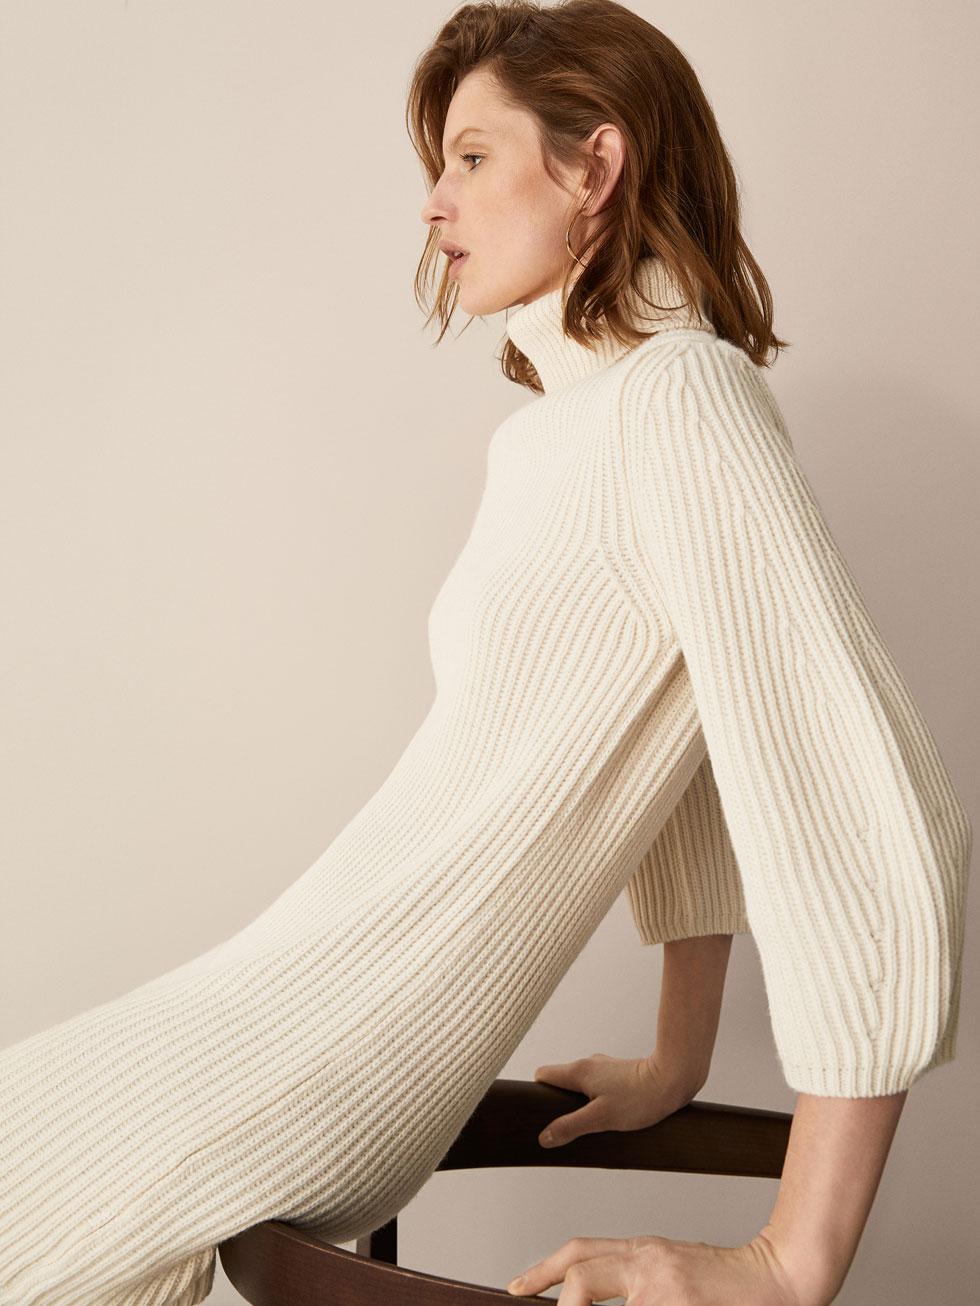 Пуловер Massimo Dutti от 149,00 лв на 39,95 лв